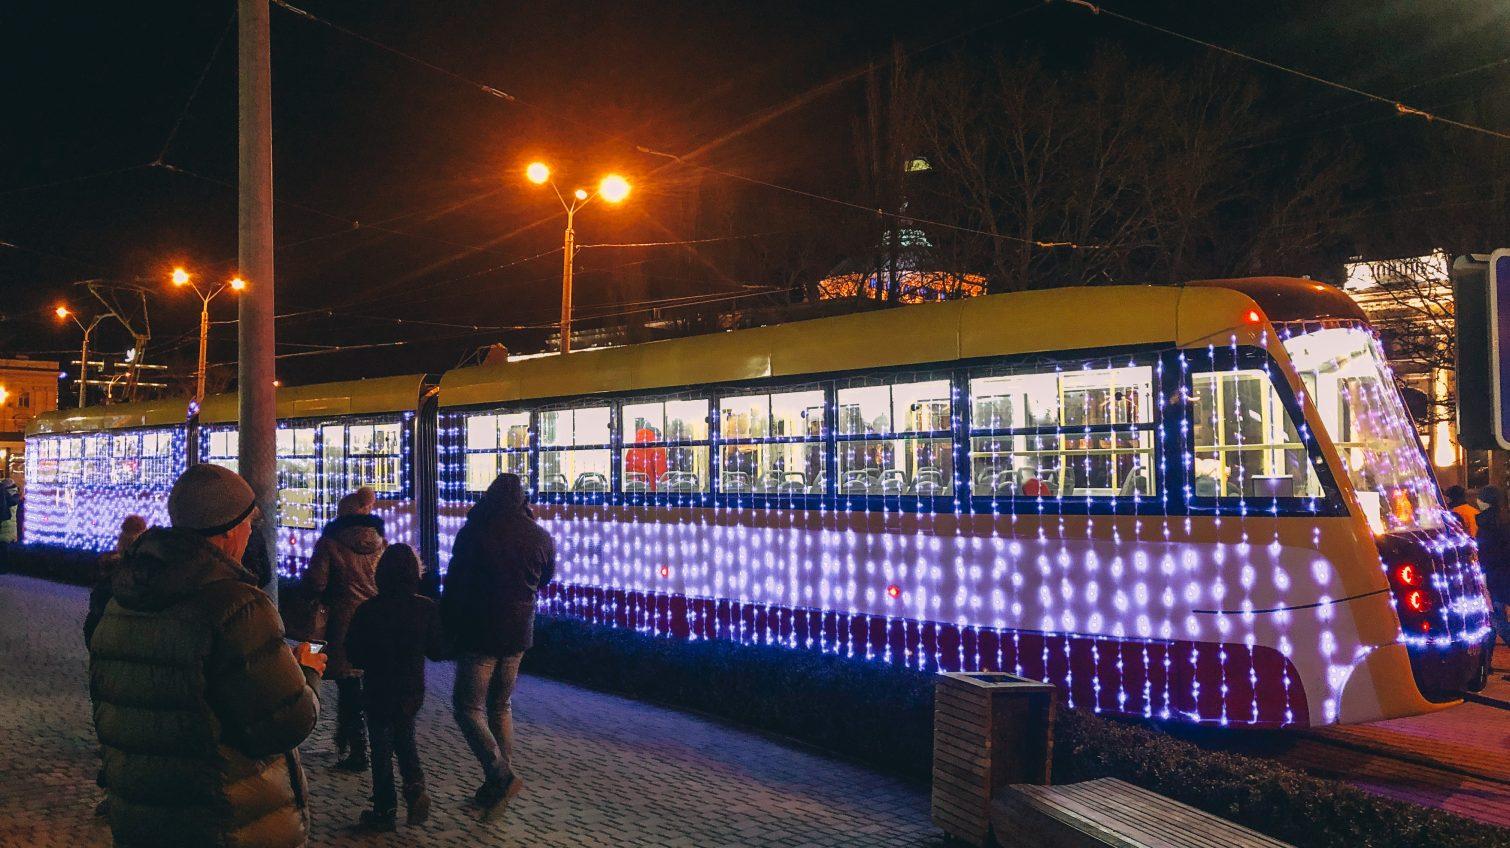 Рождественские трамваи с Дедами Морозами и Снегурочками вышли на улицы Одессы (фоторепортаж) «фото»